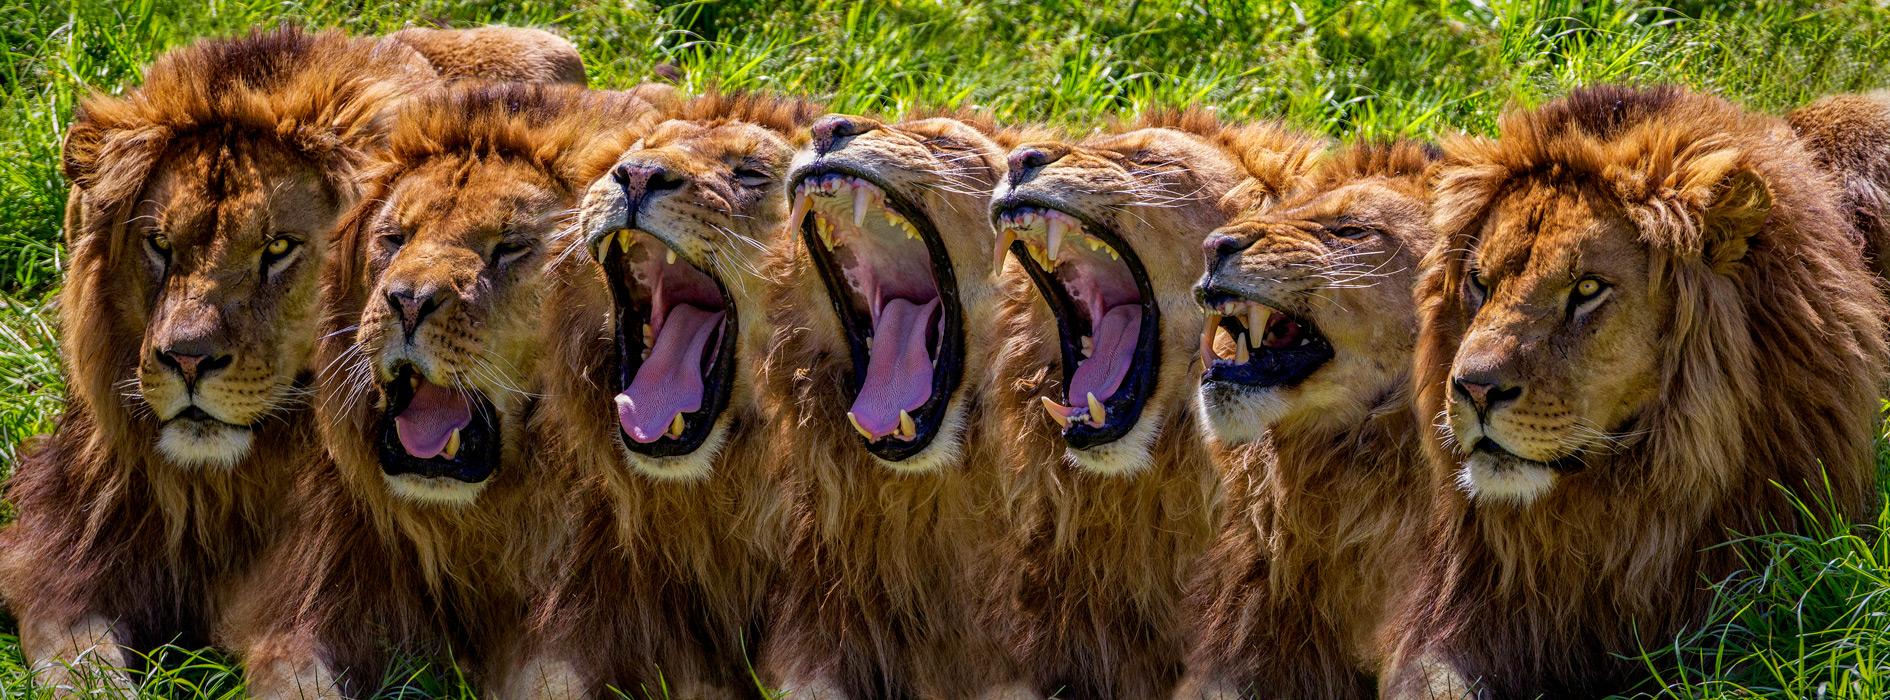 Secuencia que muestra el bostezo de un león